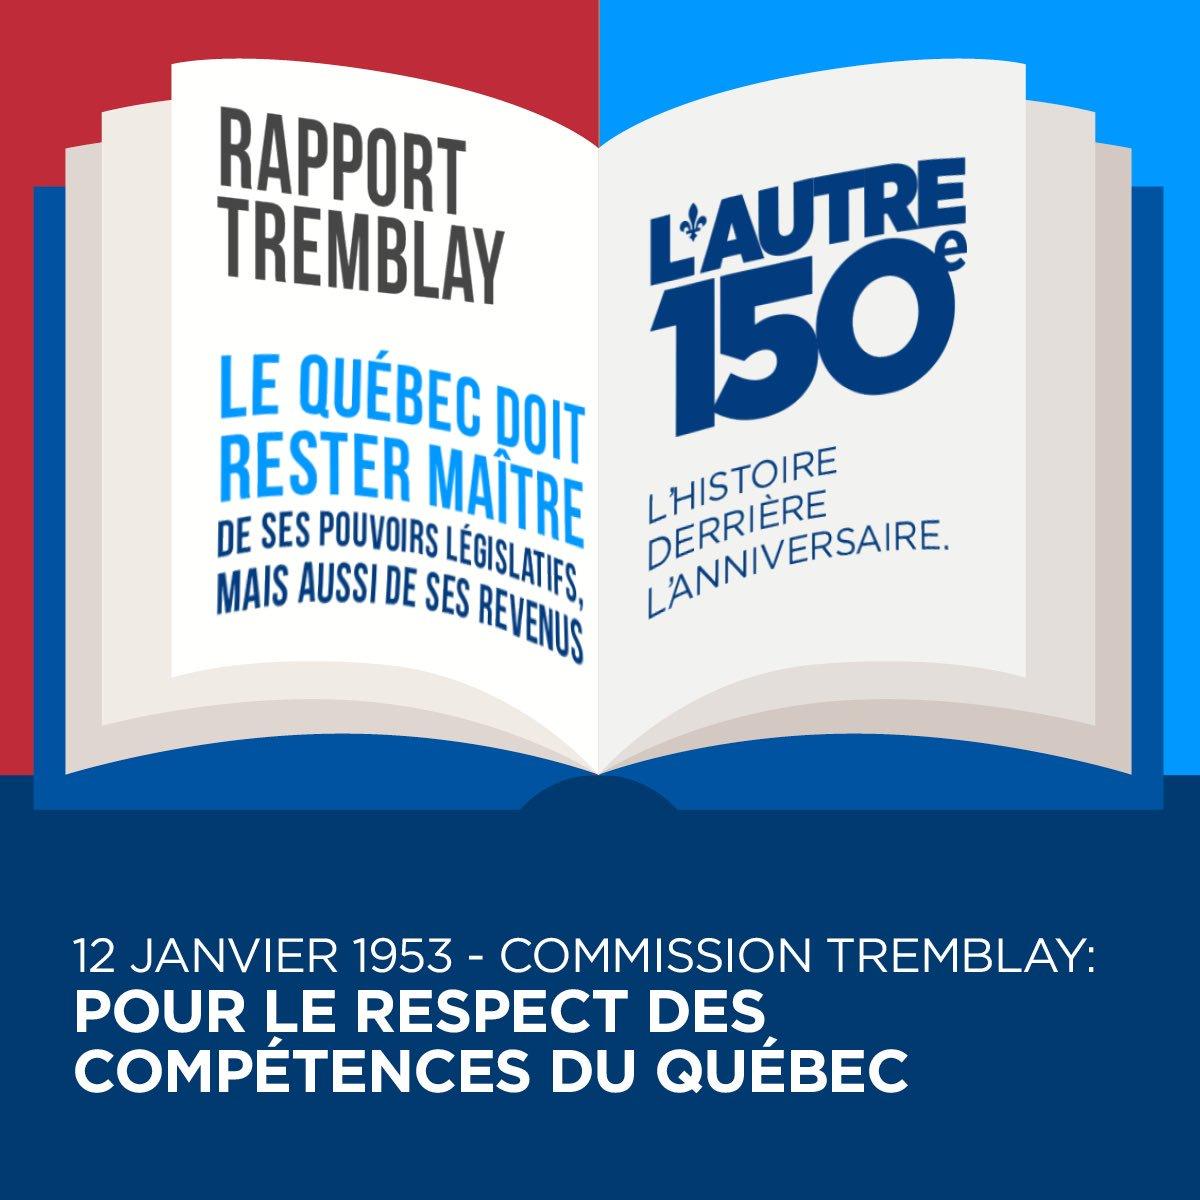 En 1953, le Québec a dû mettre sur pied une commission d'enquête pour ralentir la centralisation fédérale #Canada150  #PolQc #Autre150e <br>http://pic.twitter.com/oODm9fO6Y6